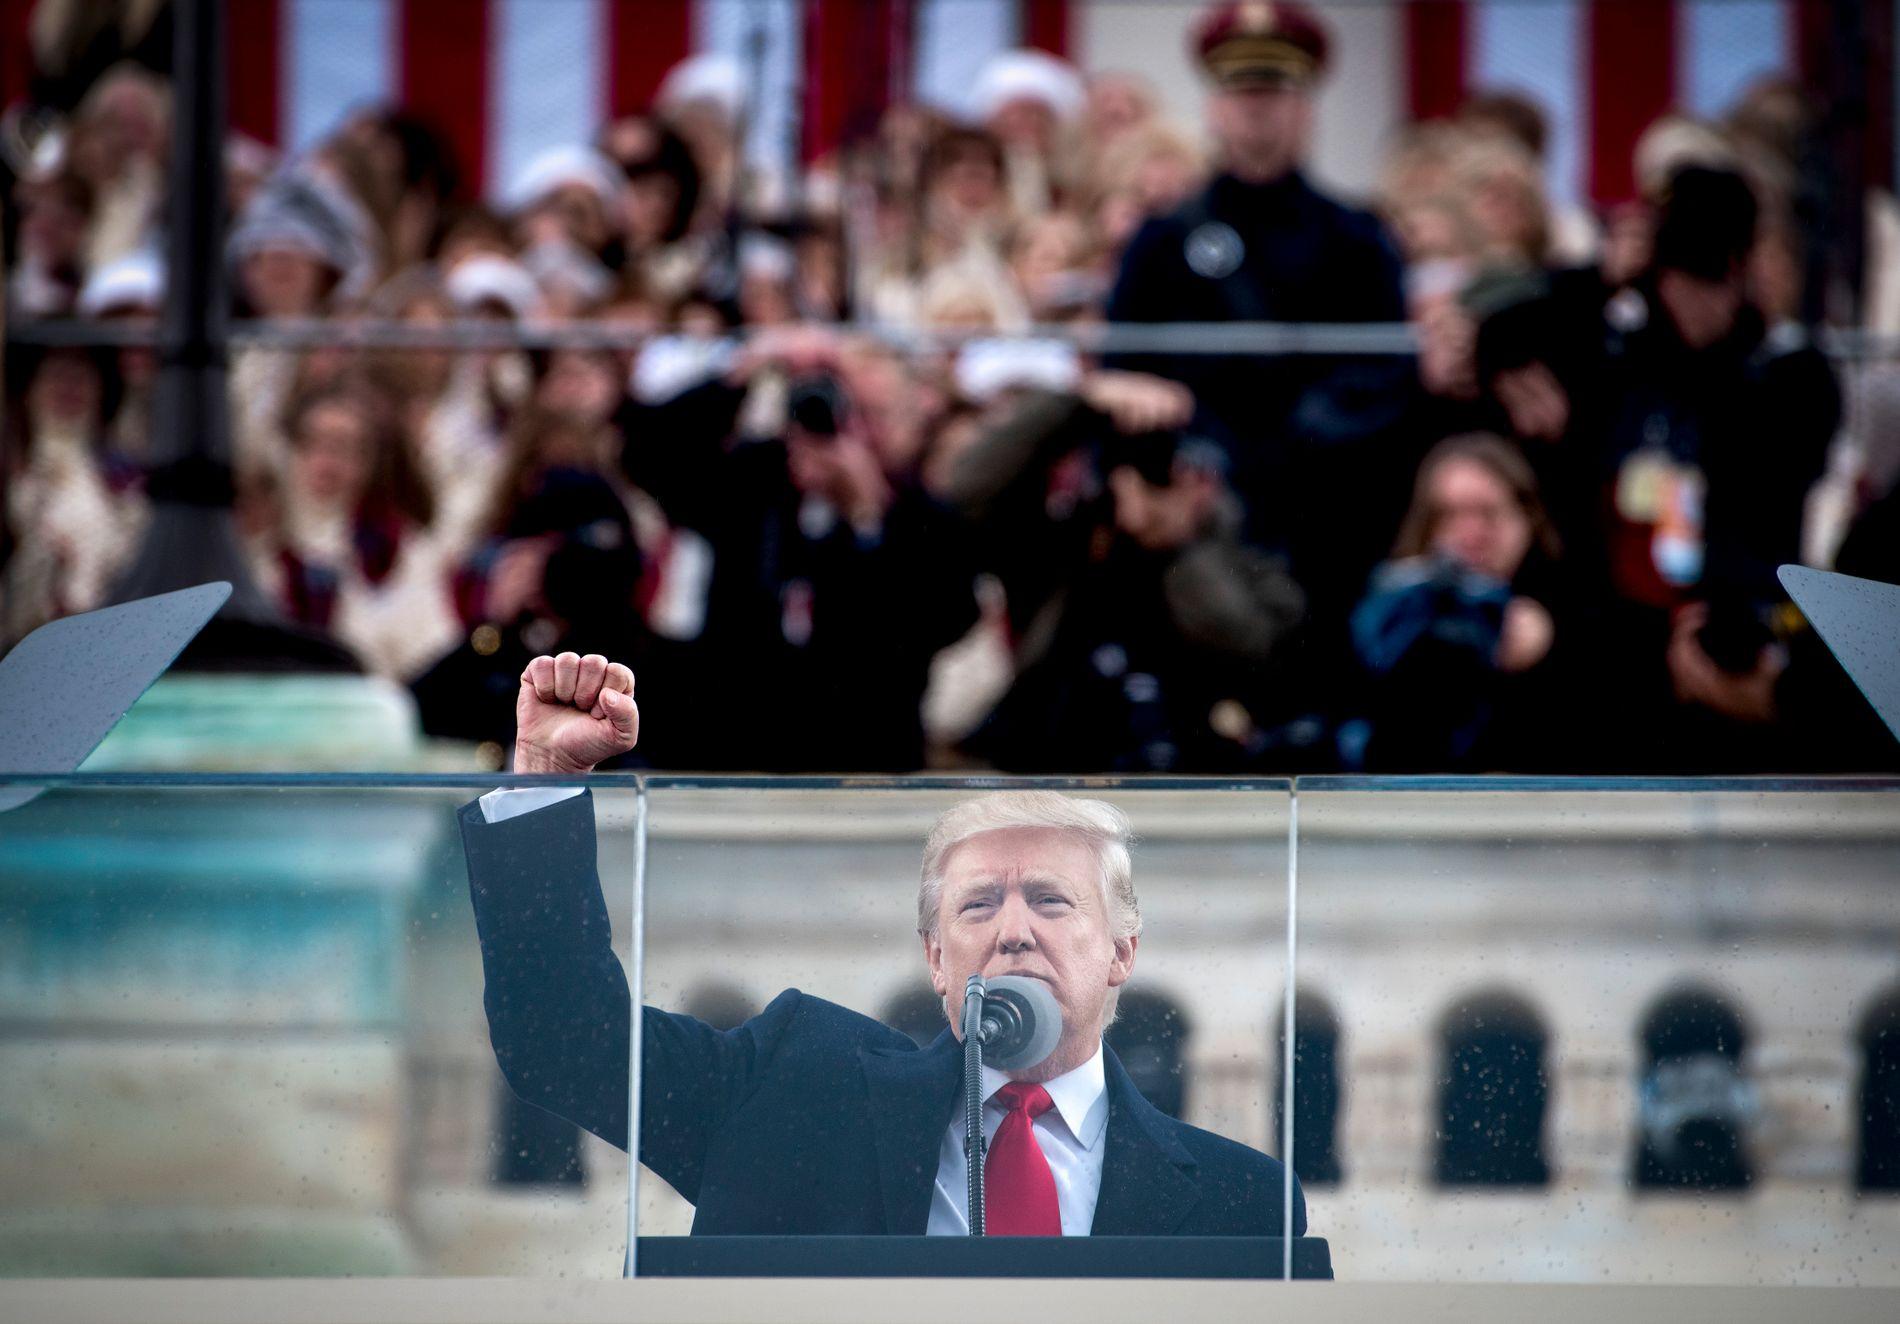 INNSETTELSEN: Dagen etter at Donald Trump ble satt inn som USAs president marsjerte hundretusener av kvinner i gatene i Washington, D.C. Mange i protest mot den ferske presidenten.